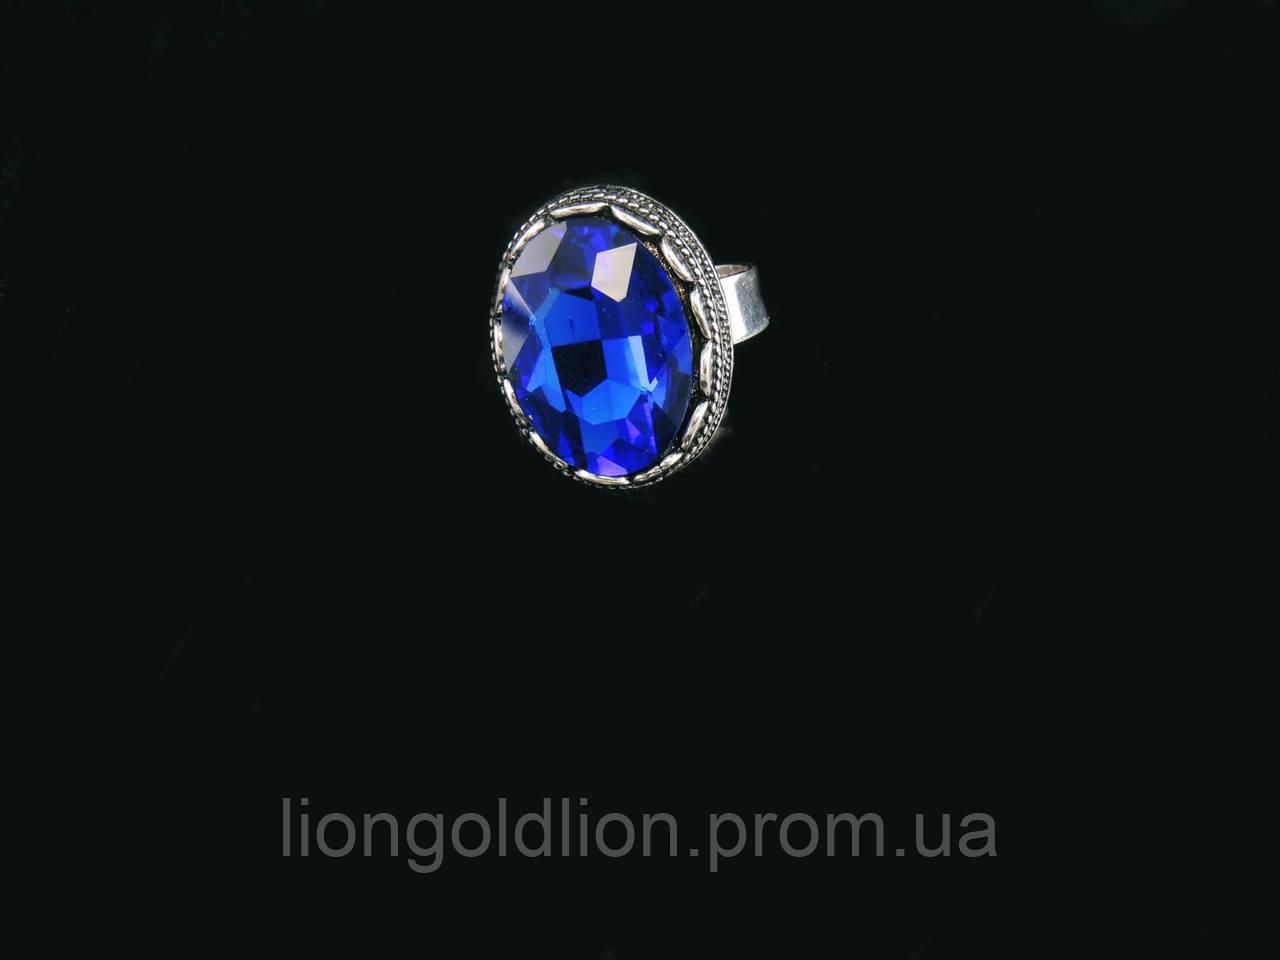 Кольцо из хрусталя в металле, синее